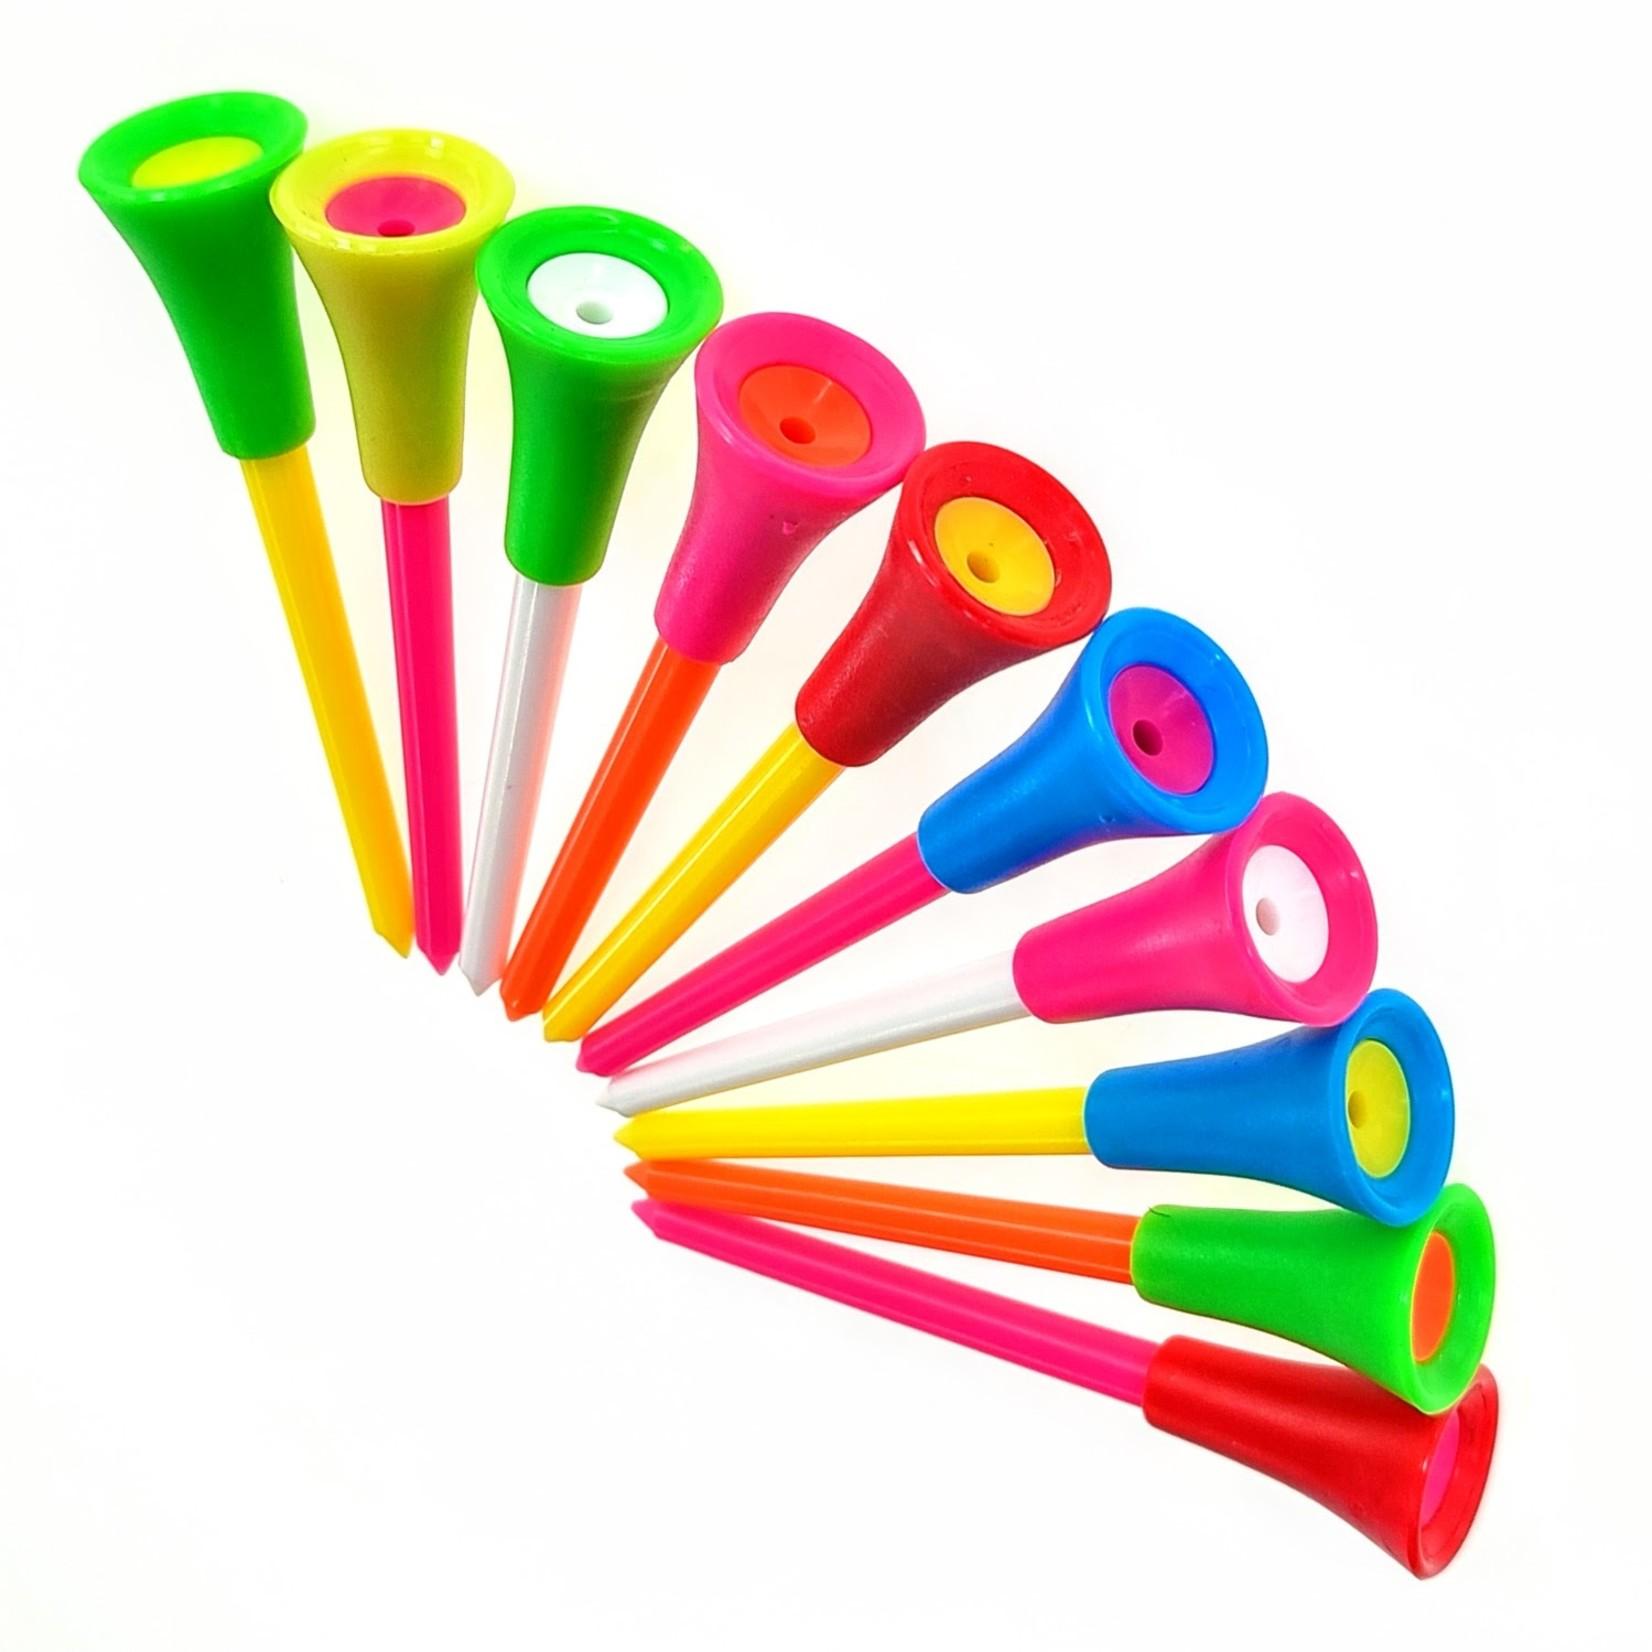 Jobber Golf Jobber Golf - Plastic golf tees 83 mm (10 stuks)